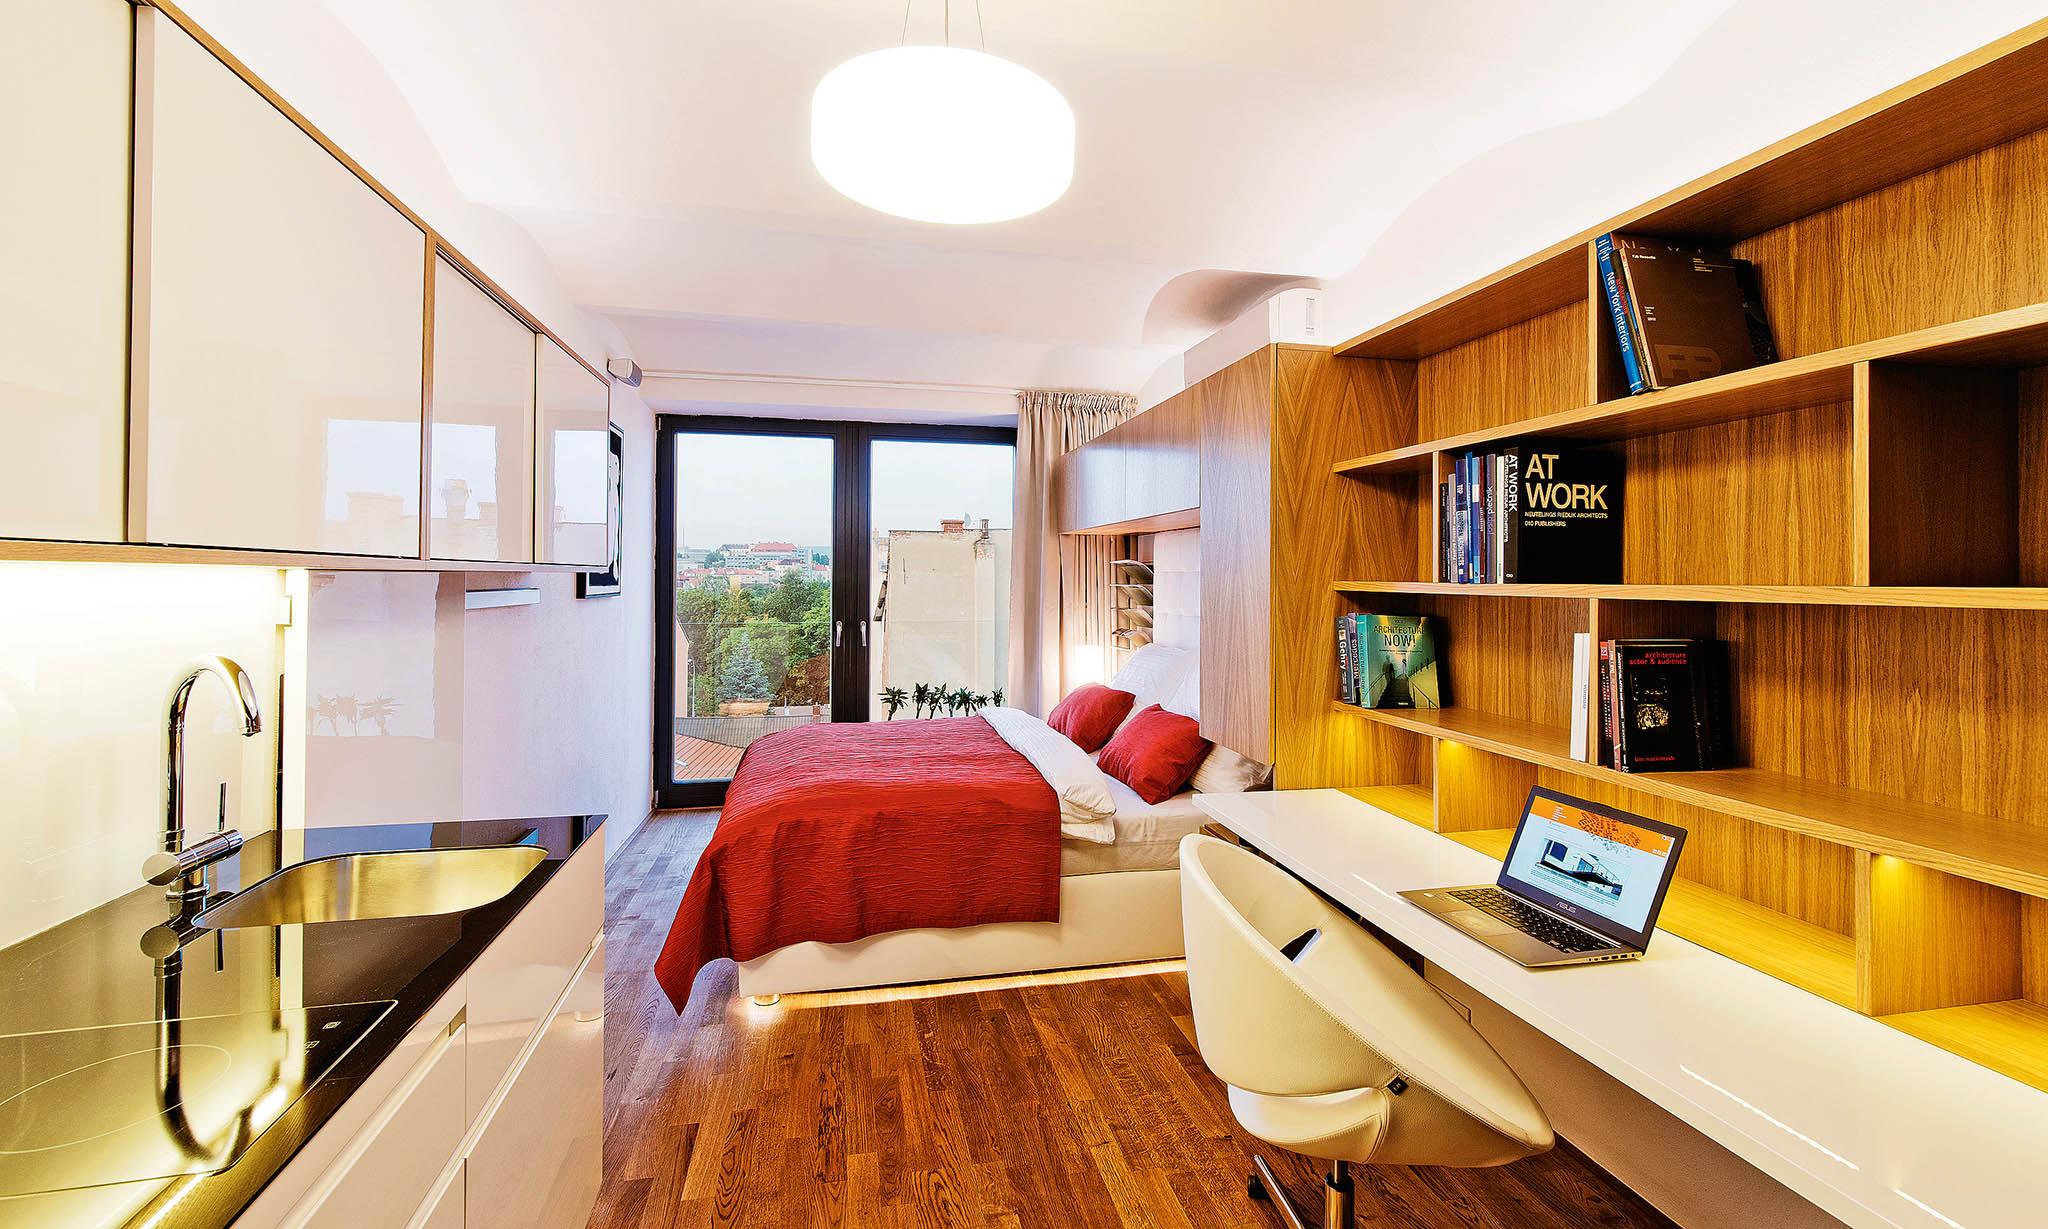 Většinu nábytkuje třeba nechatvyrobit namíru, protože klasický prefabrikovanýnábytek obvykle namenší prostory nemyslí.